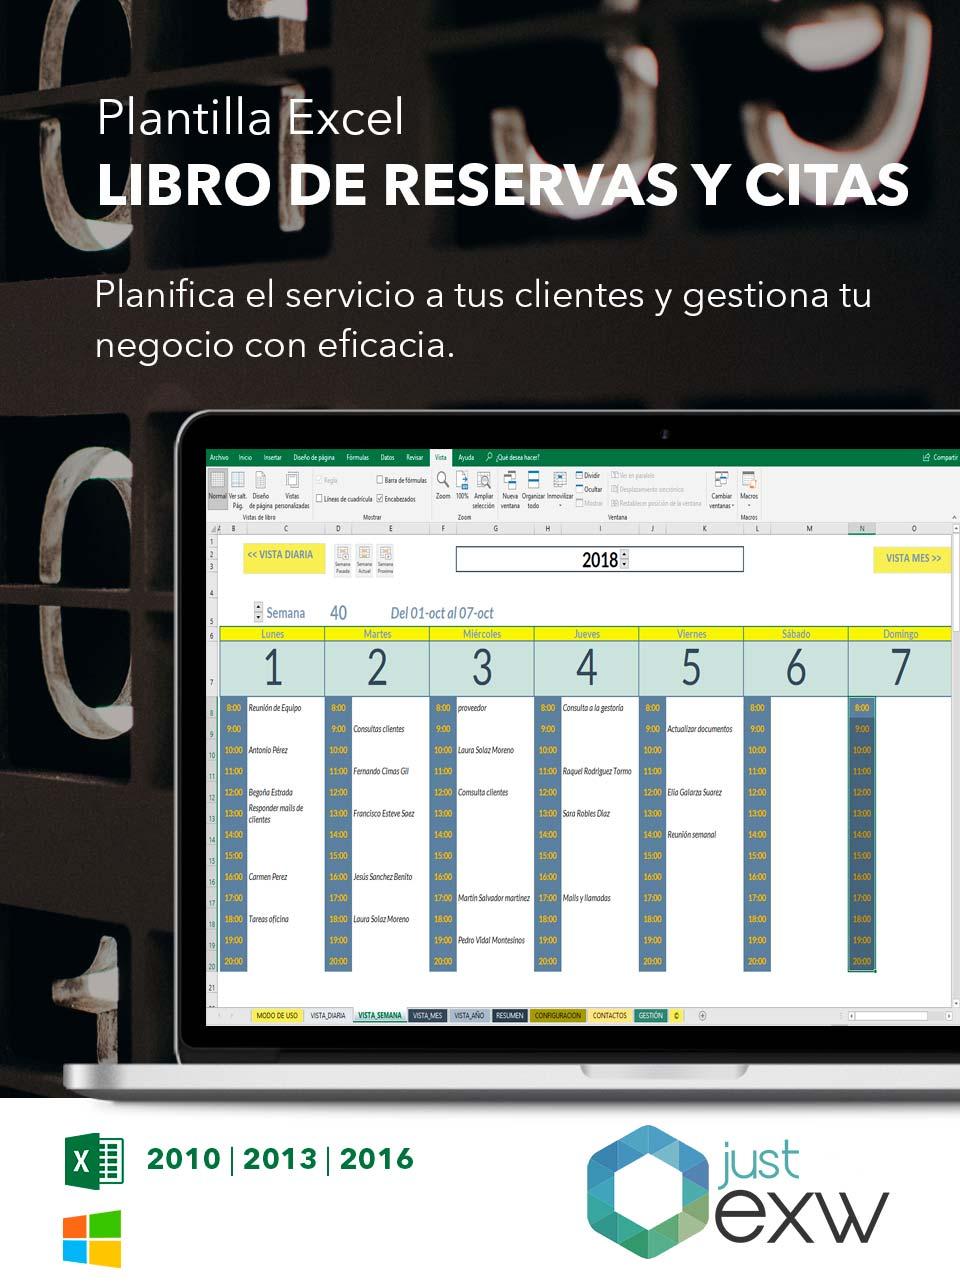 Plantilla de Reservas de hotel en Excel | Plantilla para descargar